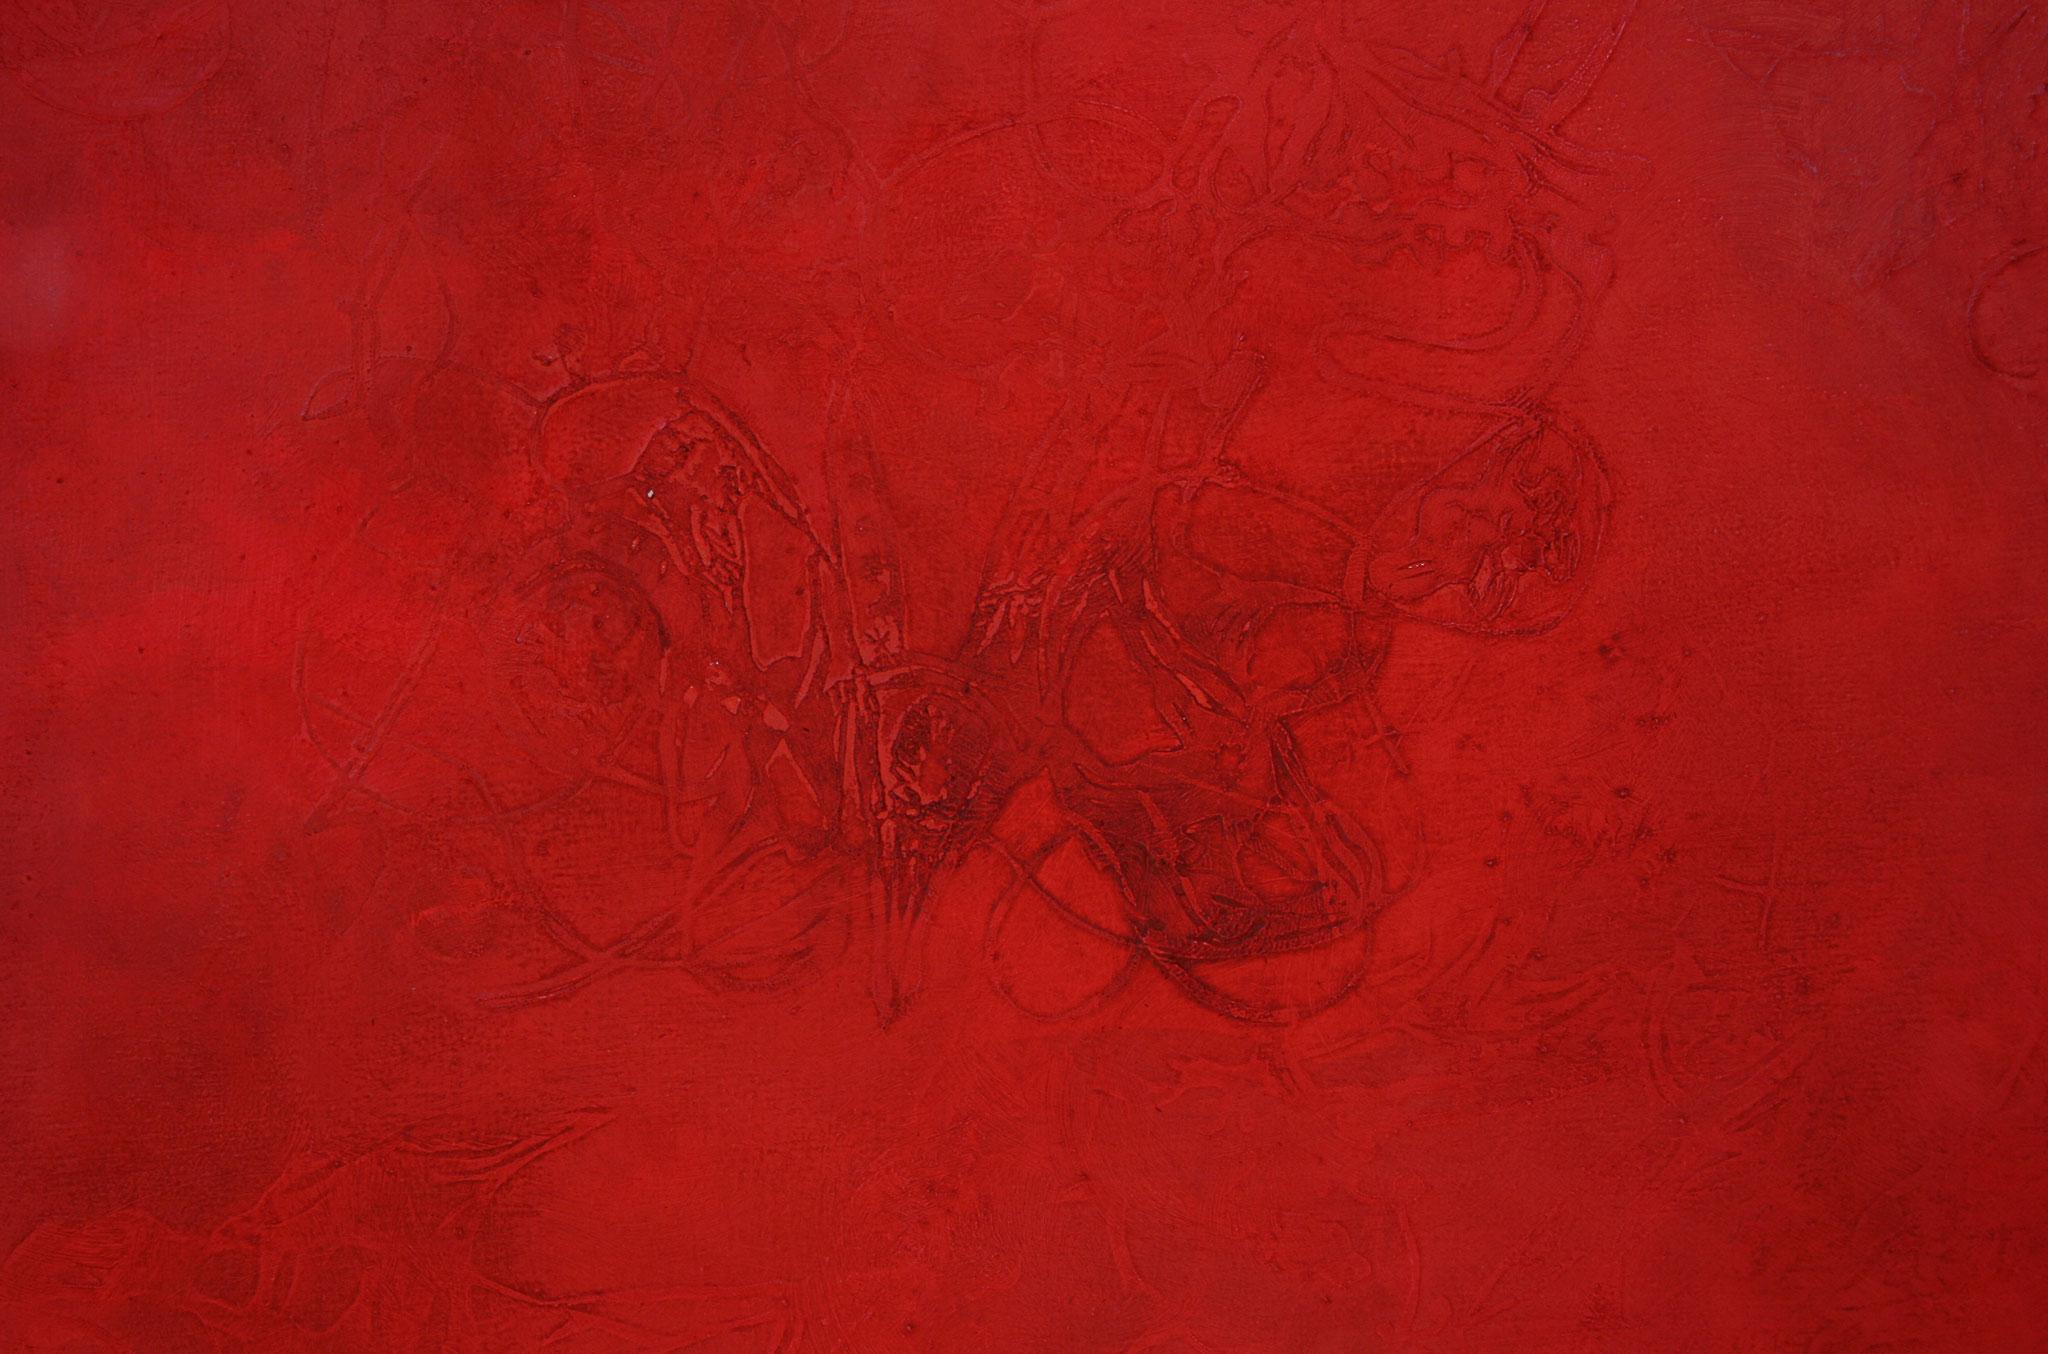 """""""Feuerstiefe"""", 2009, Detail, Öl auf Leinwand, 200 x 150 cm, Privatbesitz (Berlin)"""